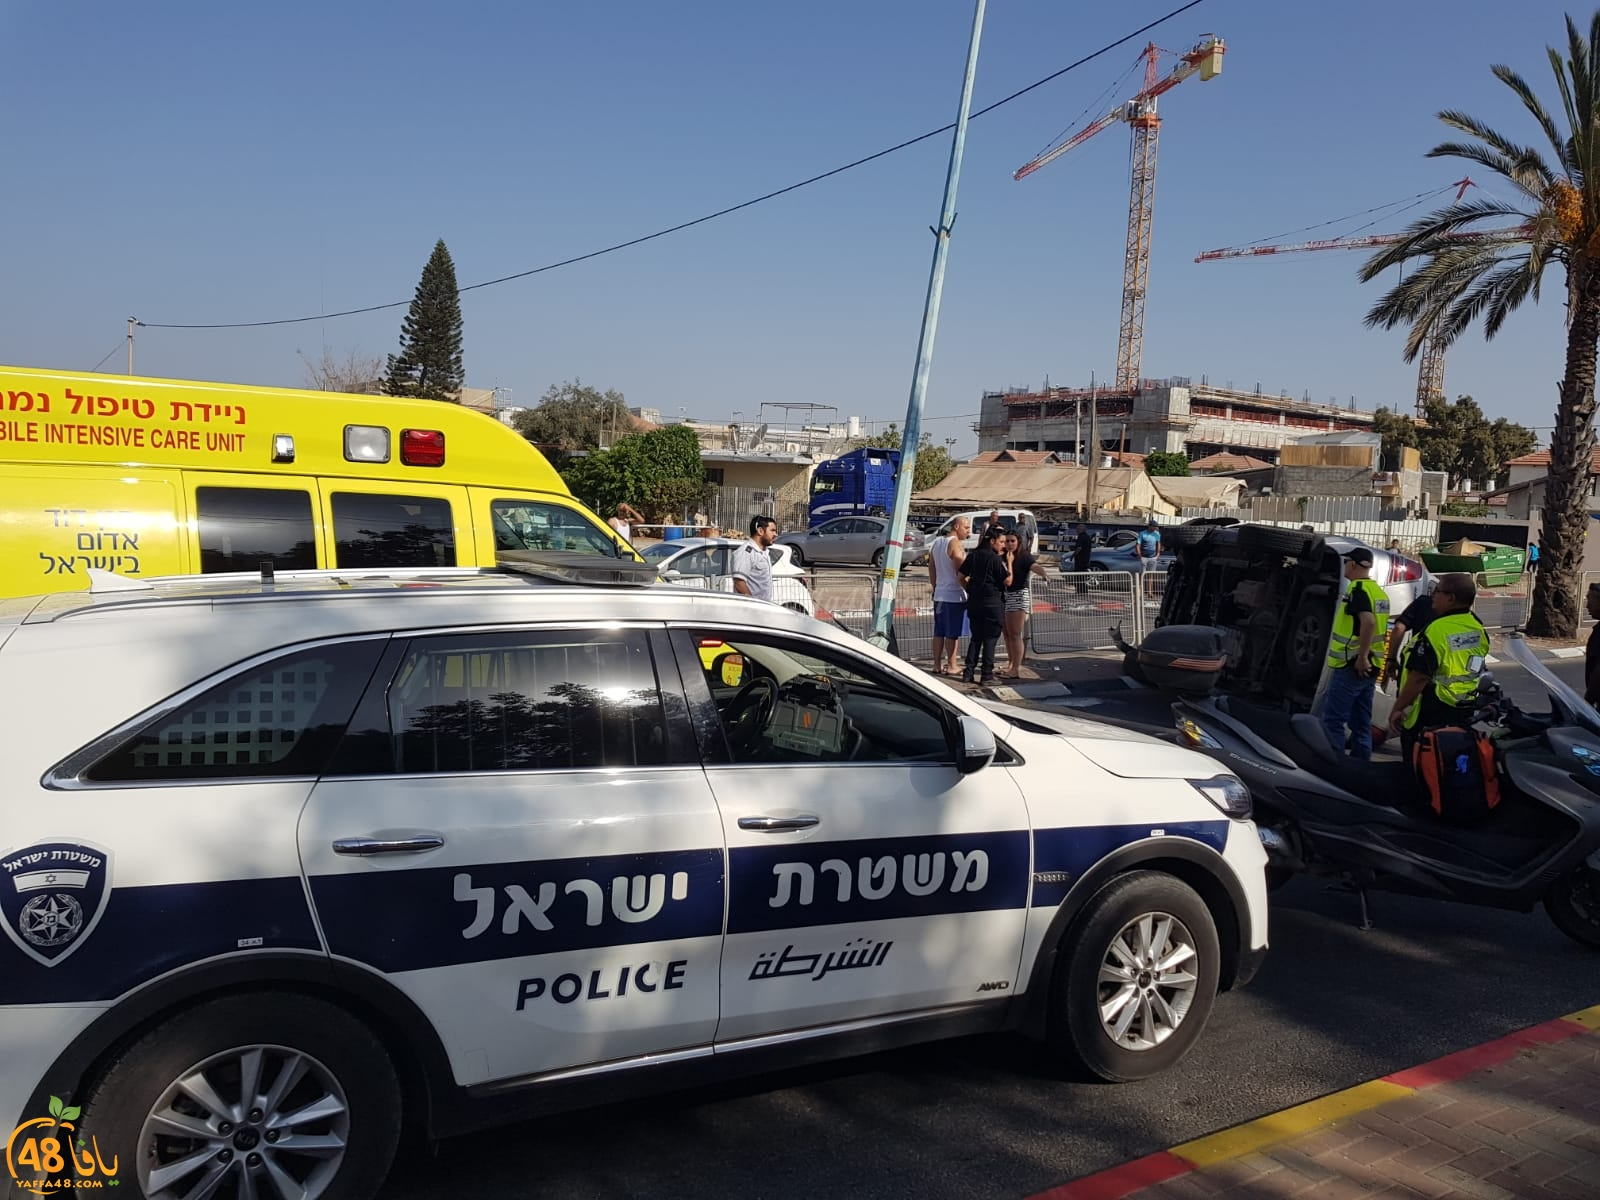 اللد: إصابات طفيفة بانقلاب مركبة وسط المدينة